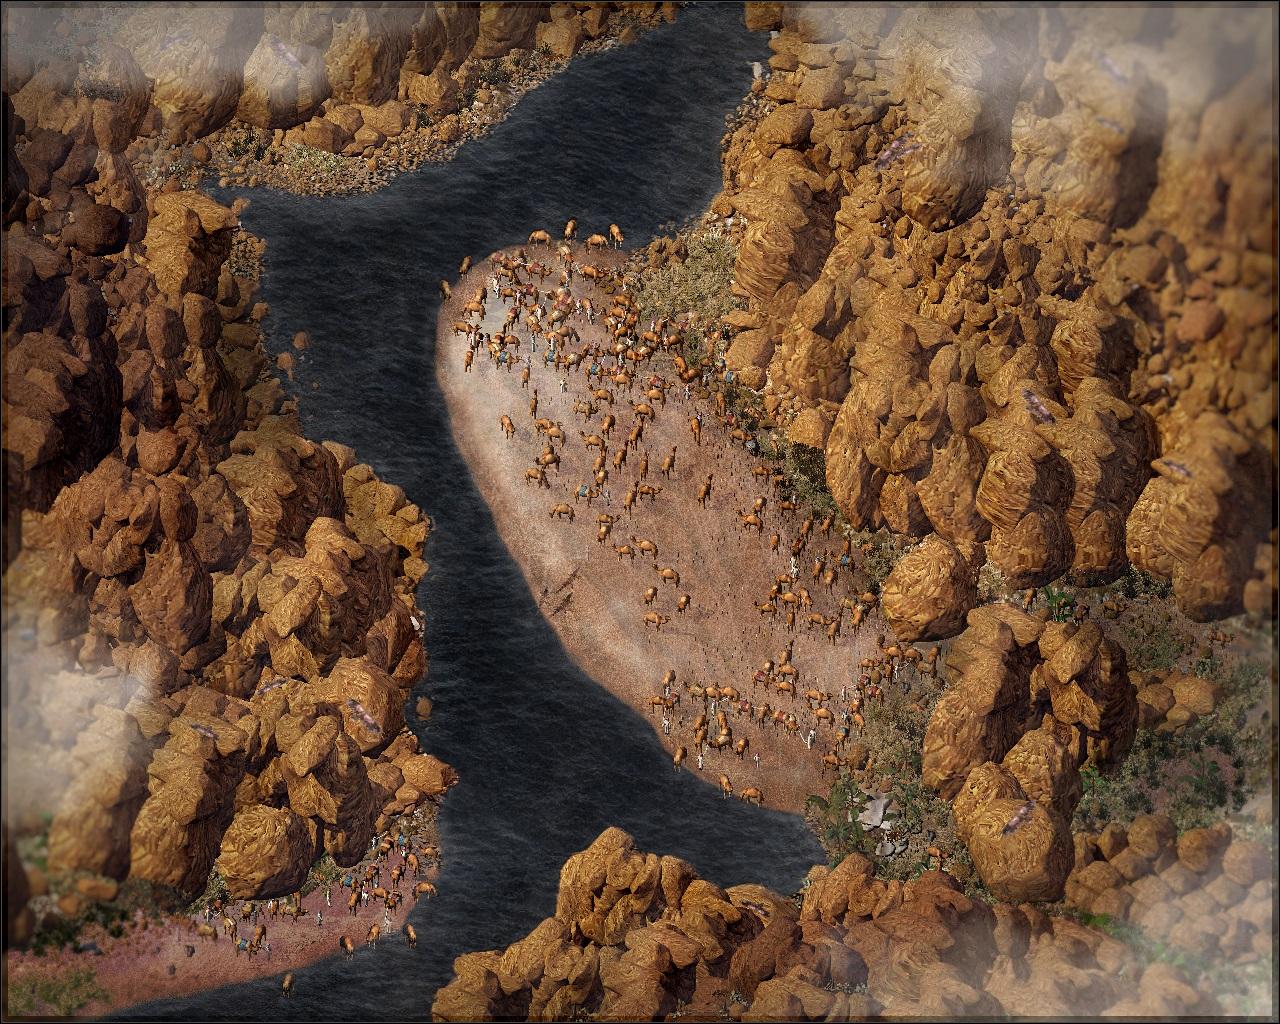 Guelta%20d%27Archei.jpg?dl=1